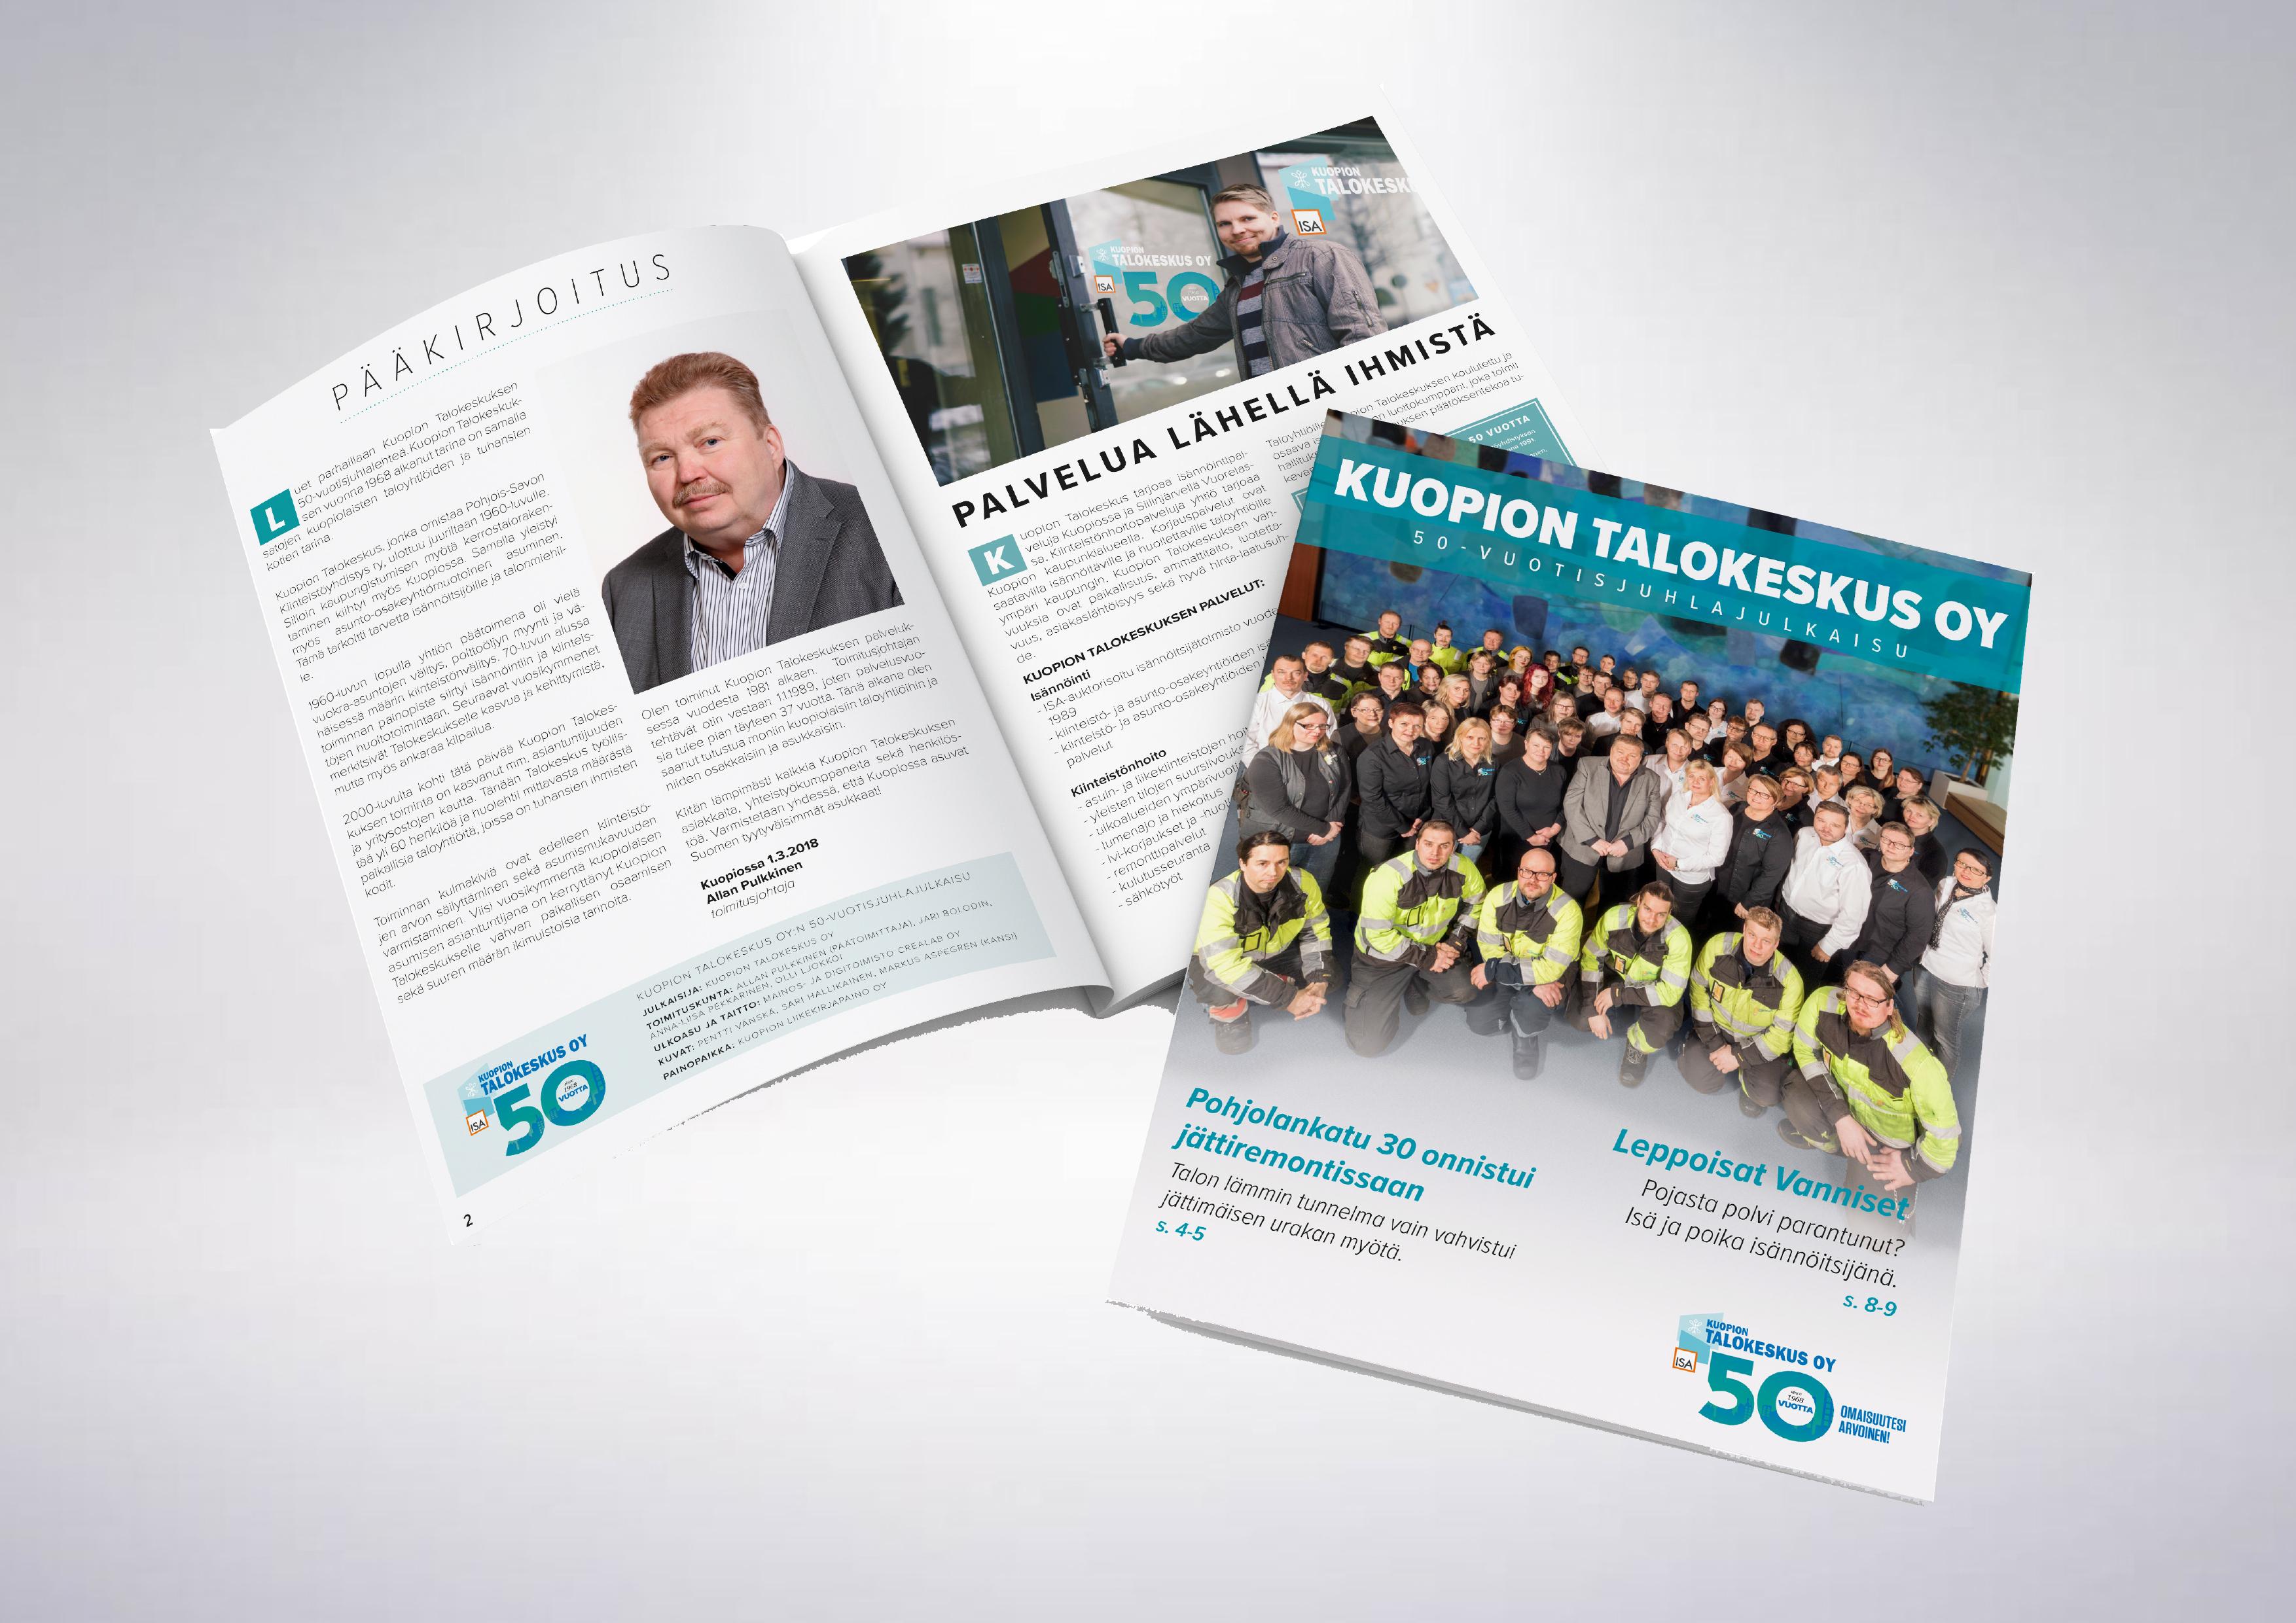 Työnäye: Kuopion Talokeskus, 50 vuotis juhlalehti